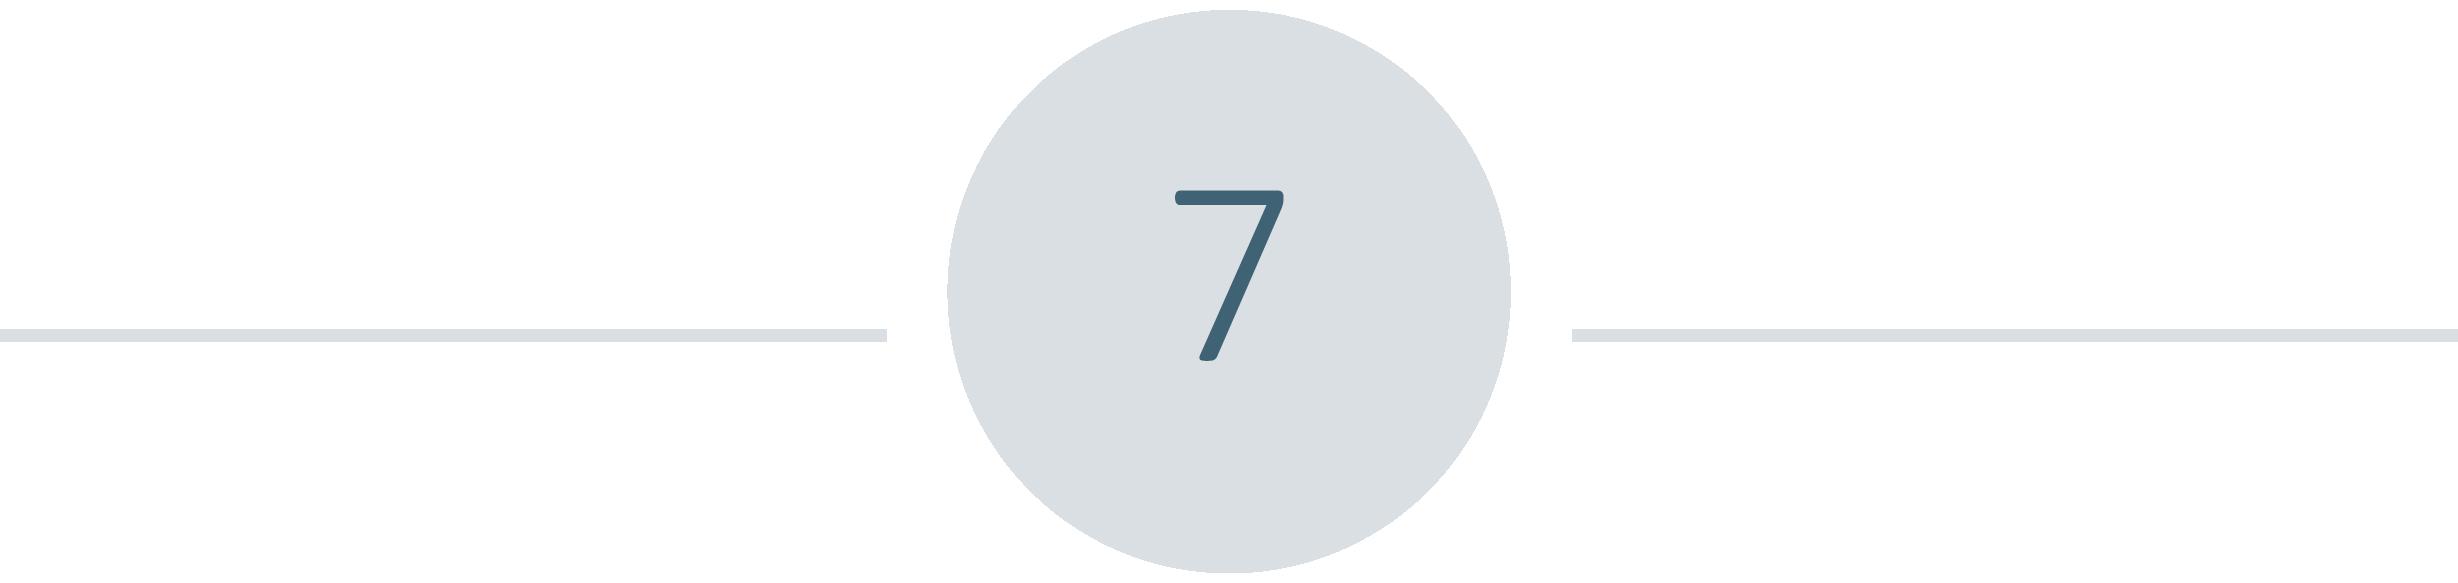 Aufzaehlung-7